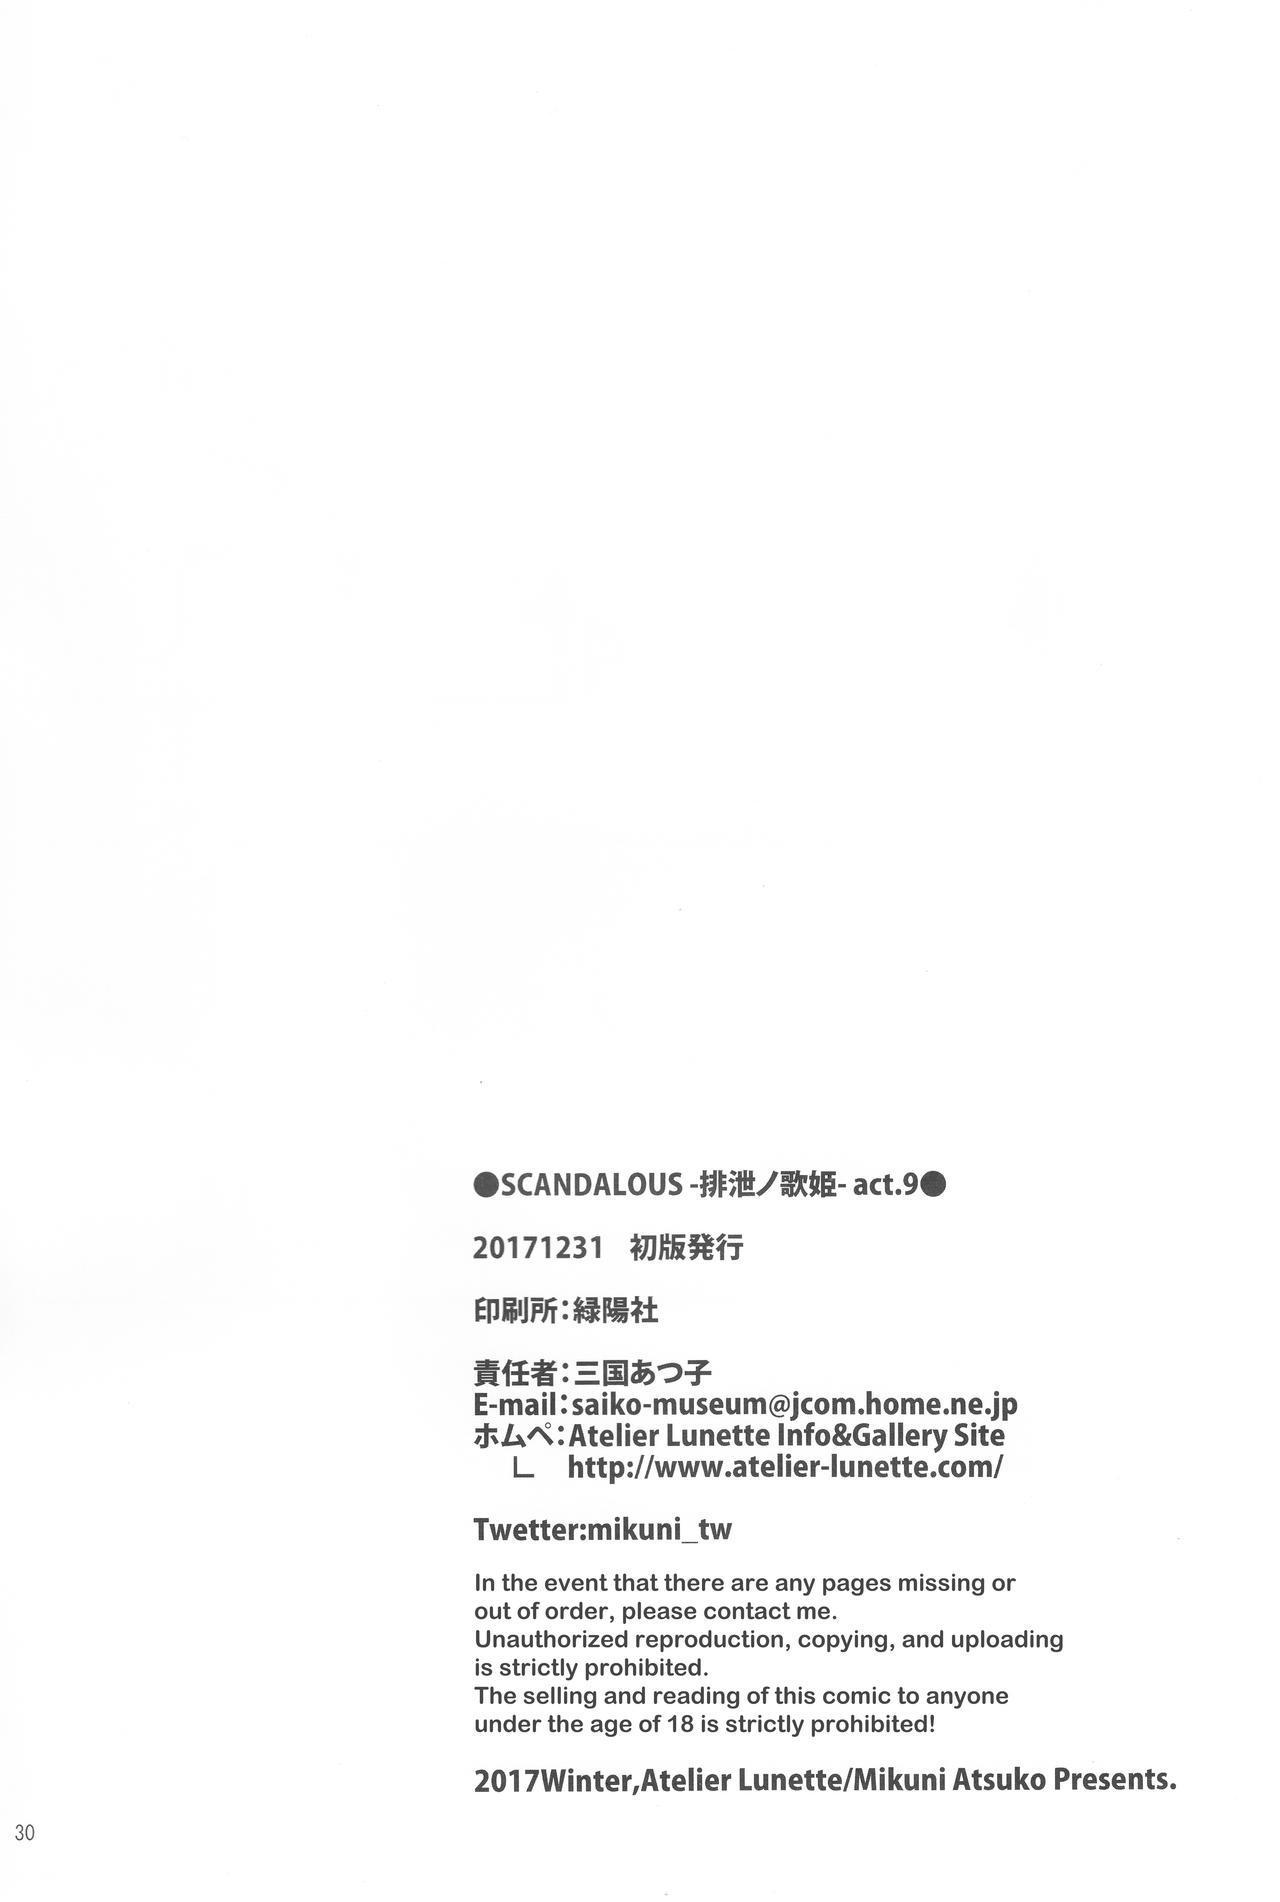 (C93) [Atelier Lunette (Mikuni Atsuko)] SCANDALOUS -Haisetsu no Utahime- act.9 [English] 29